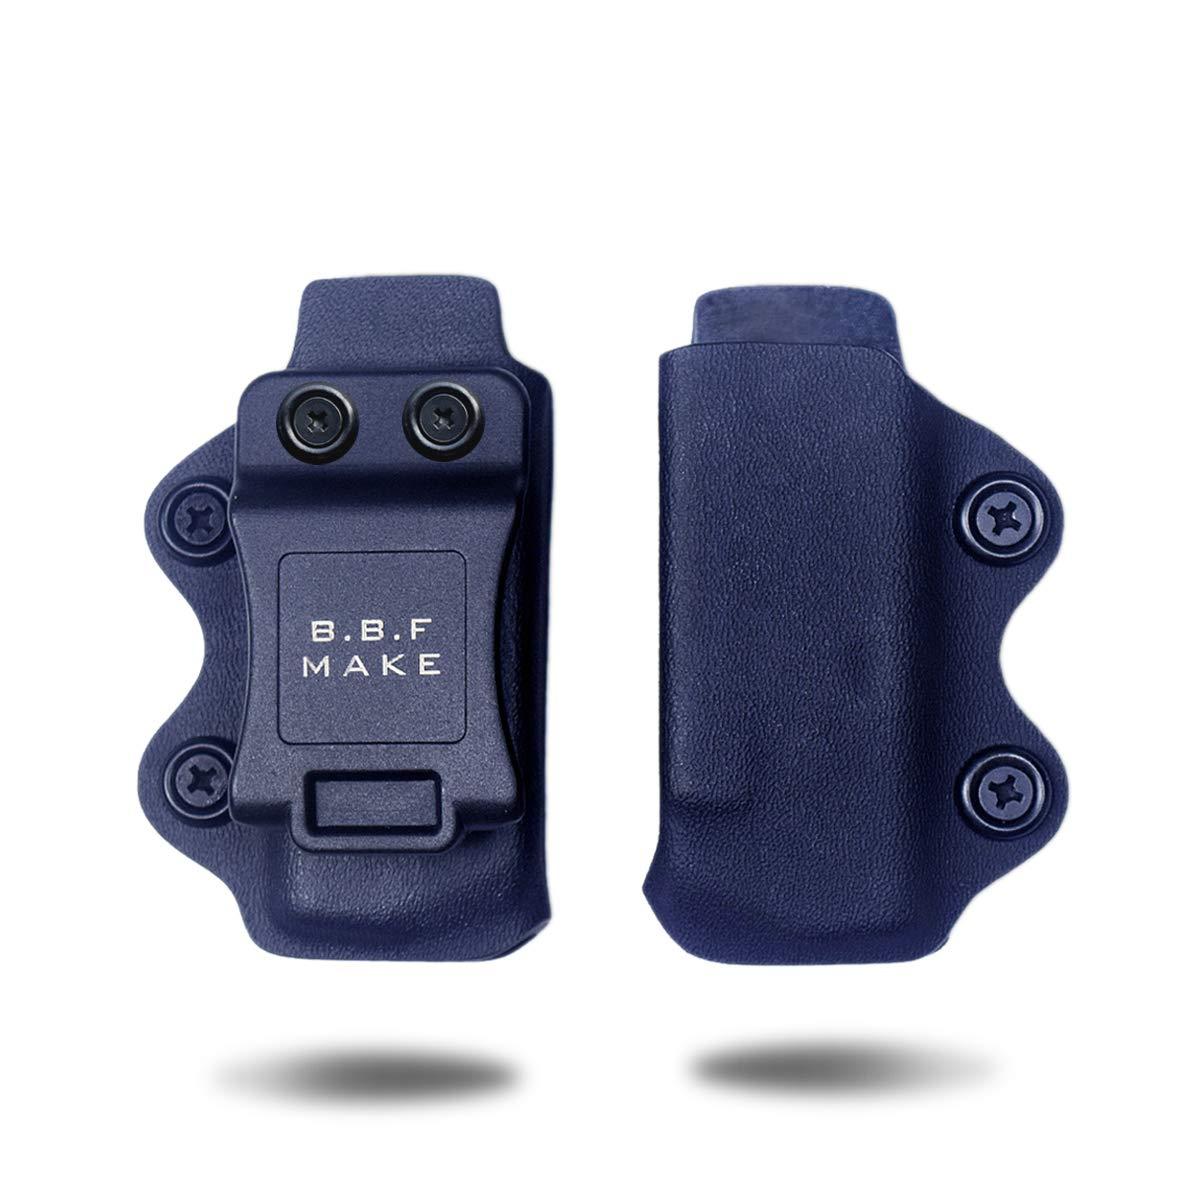 Glock 4//90//357 Glock 19//17//25//26//43 Sig Sauer P365 B.B.F Make IWB//OWB KYDEX Magazine Pouch Magazintasche Pistolenholster for 1911 M/&P Shield 9//40 Drinnen und Drau/ßen Mag Pouch Pistol Glock 26